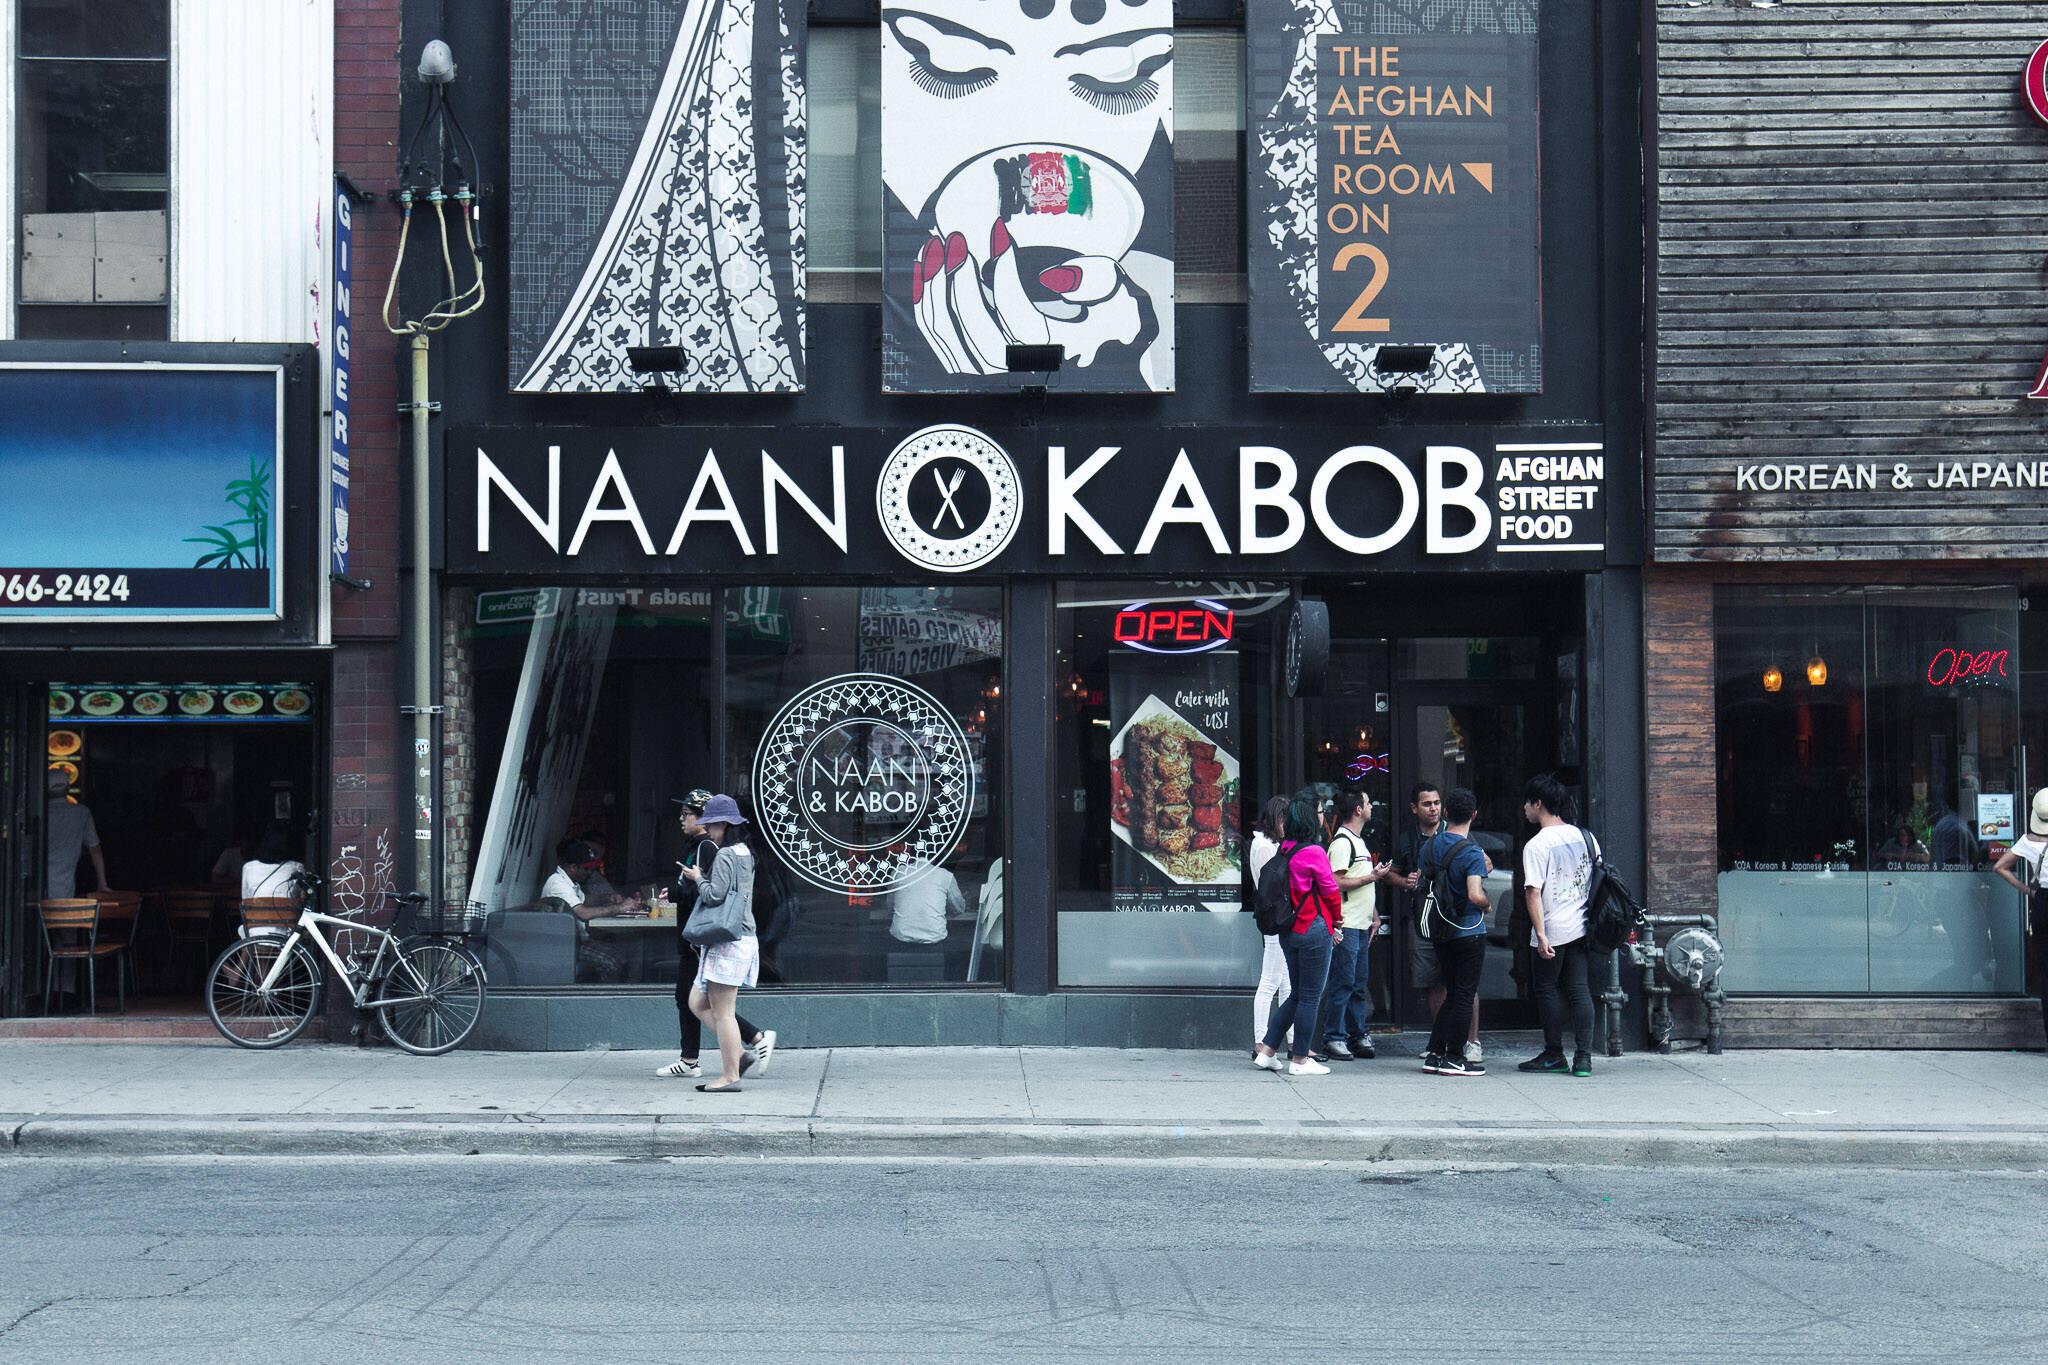 Naan Kabob Toronto